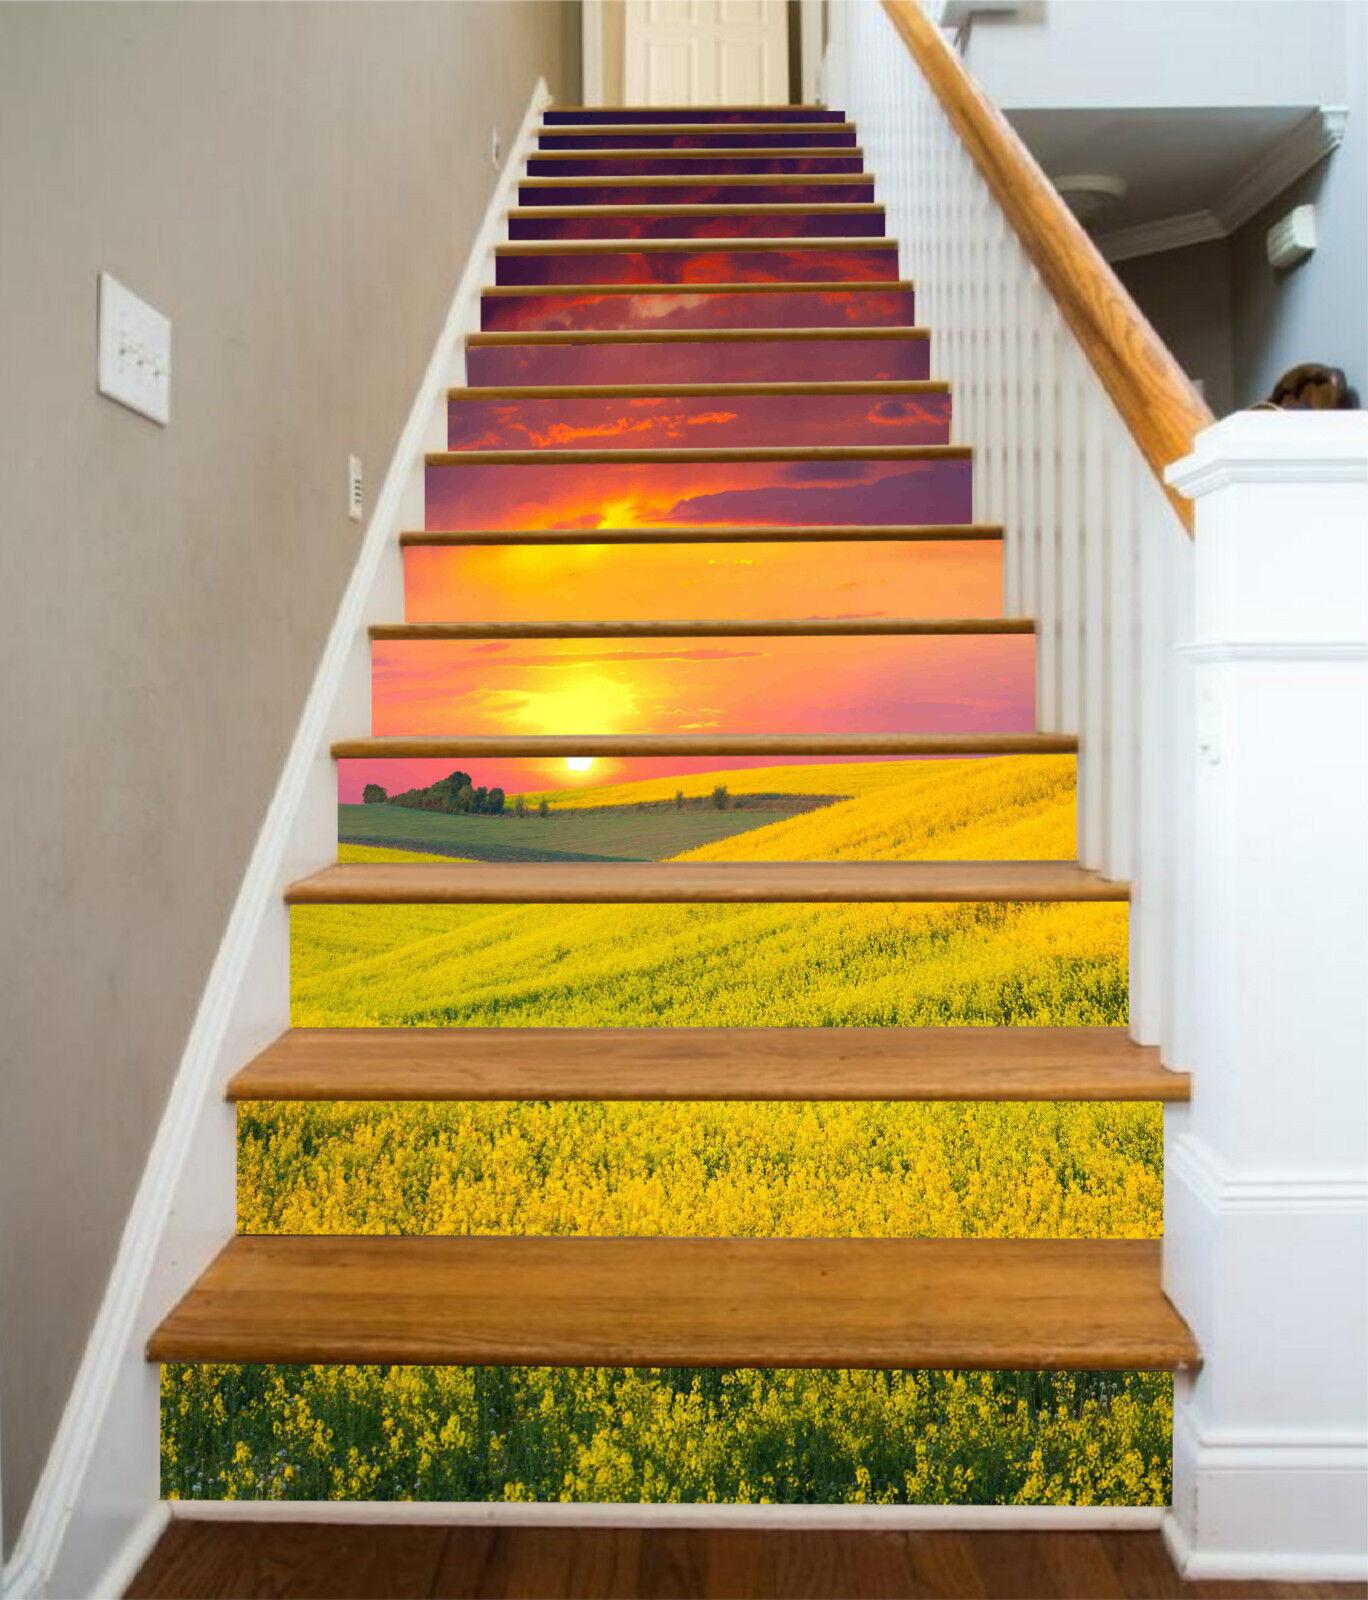 3D Gelb Blaume 428 Stair Risers Dekoration Fototapete Vinyl Aufkleber Tapete DE